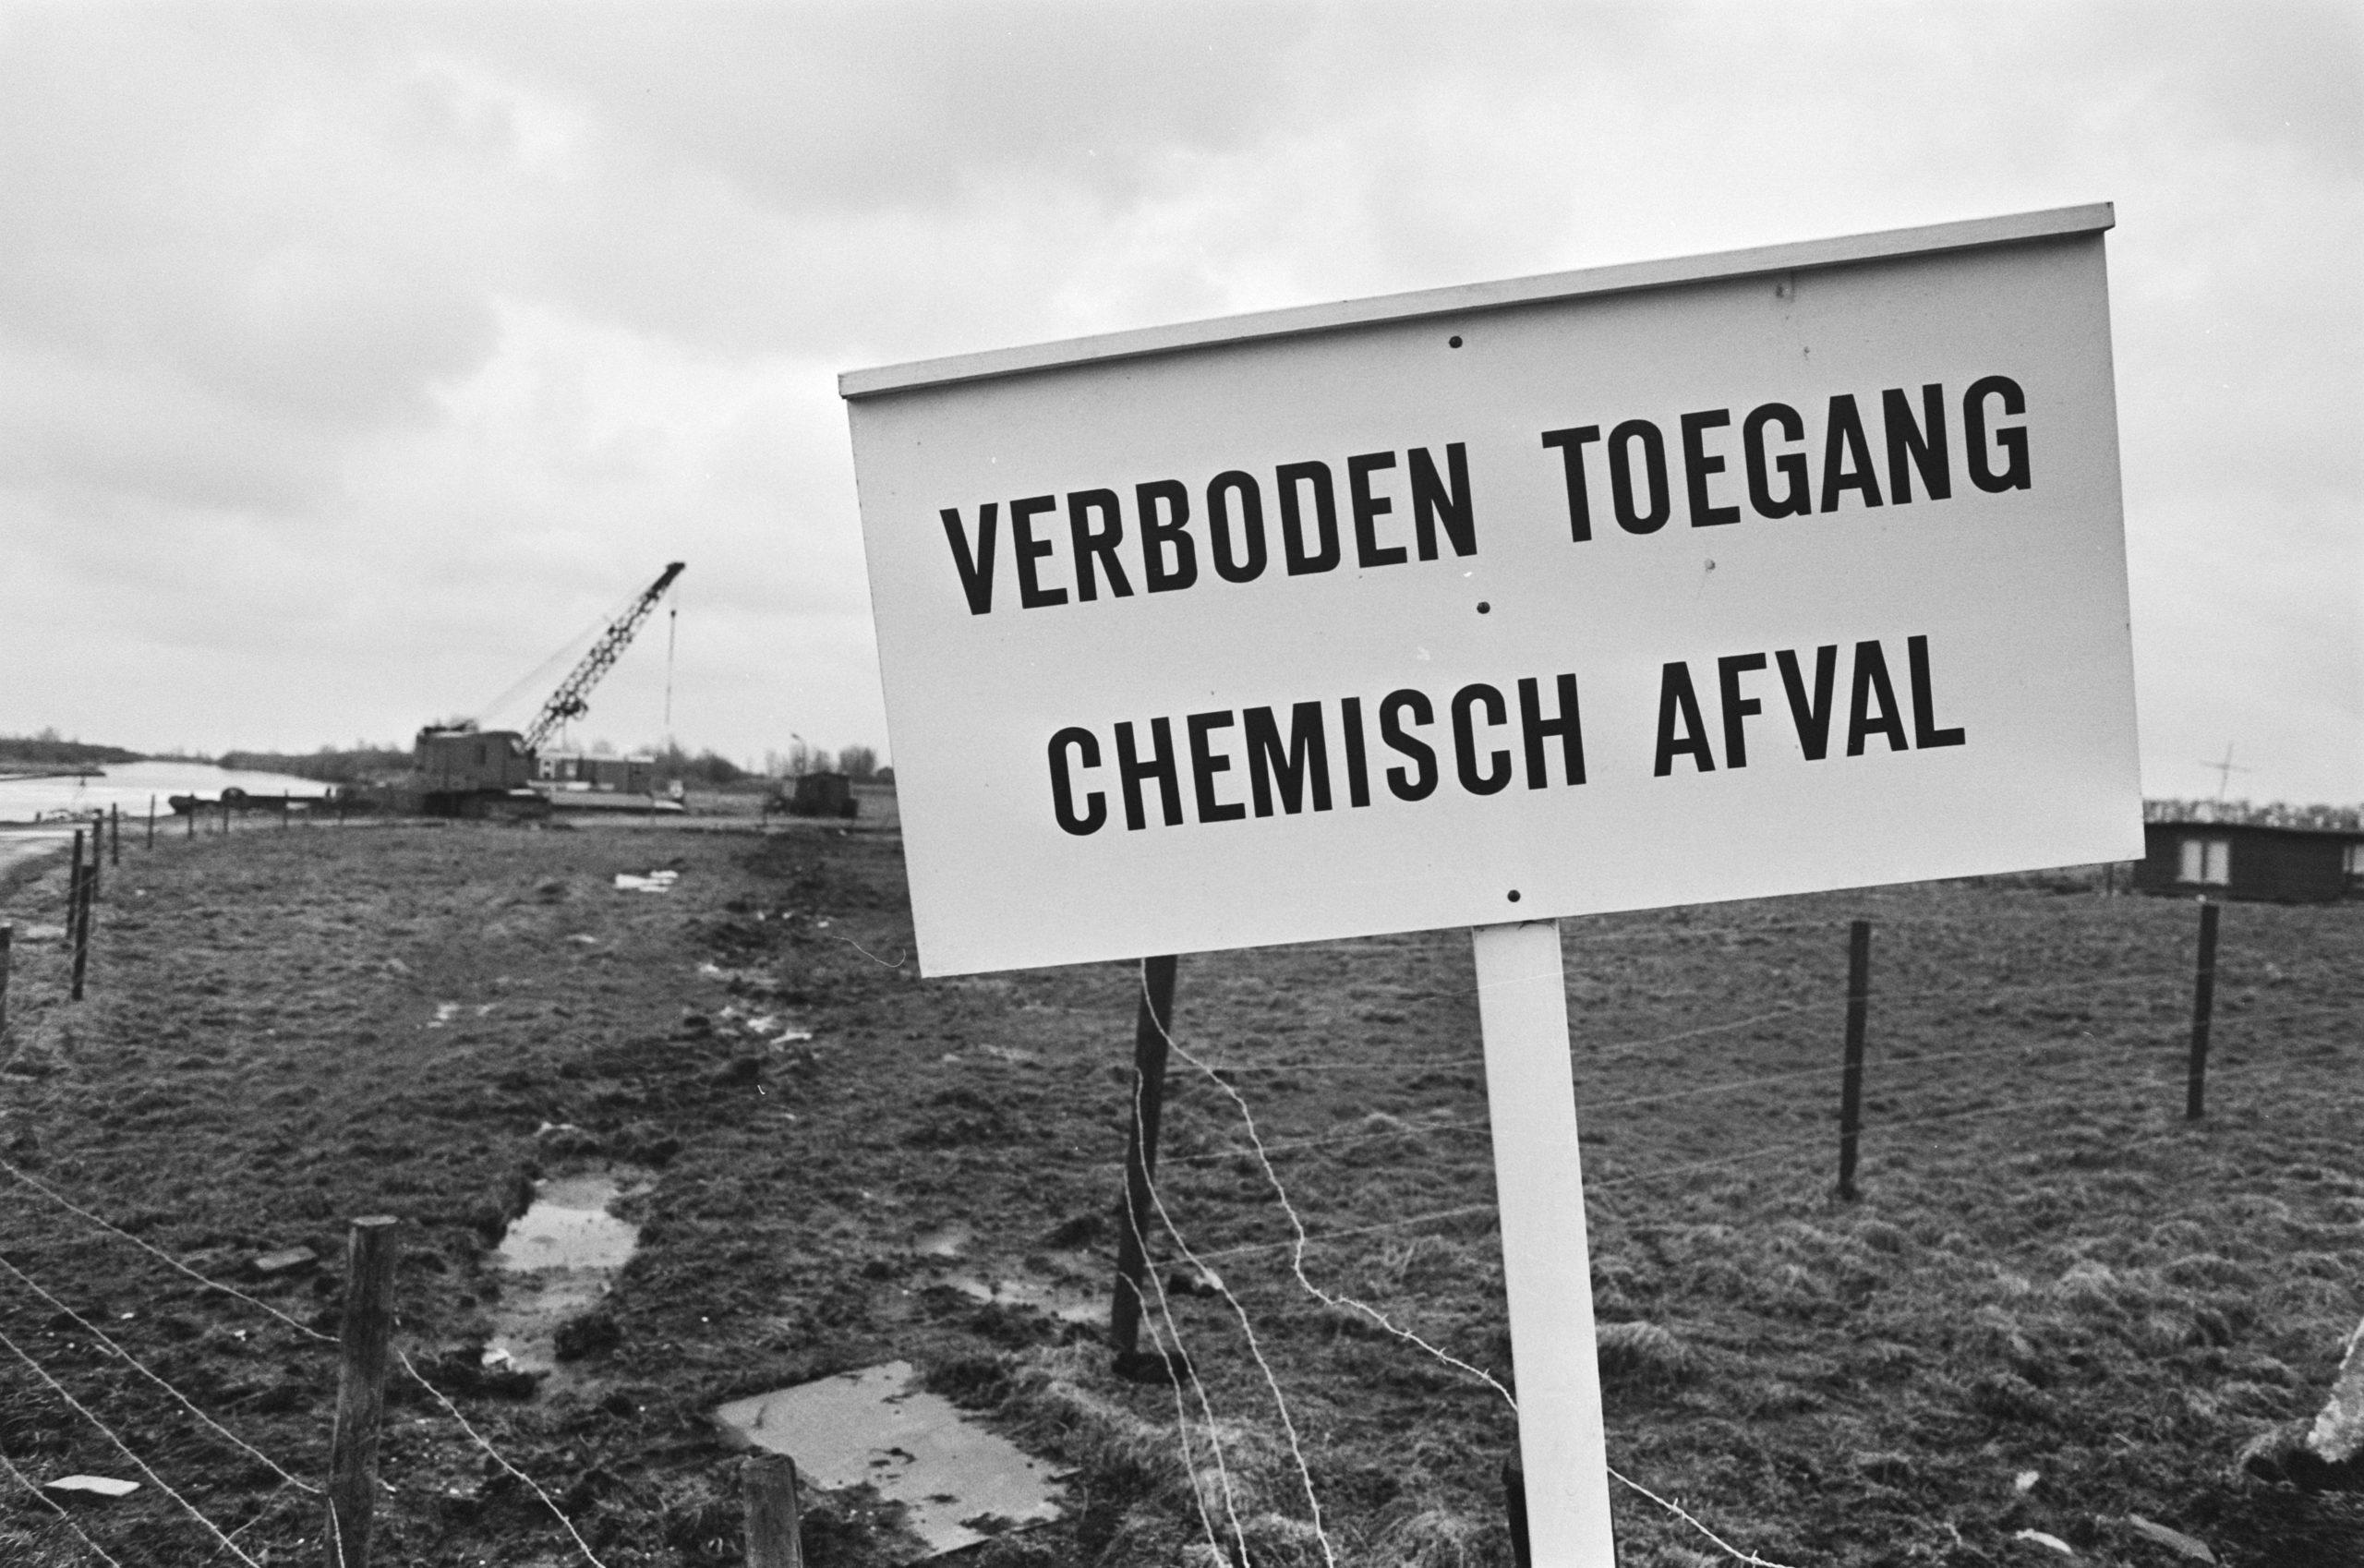 Bord verboden toegang bij de Volgermeerpolder vanwege vergiftigde grond